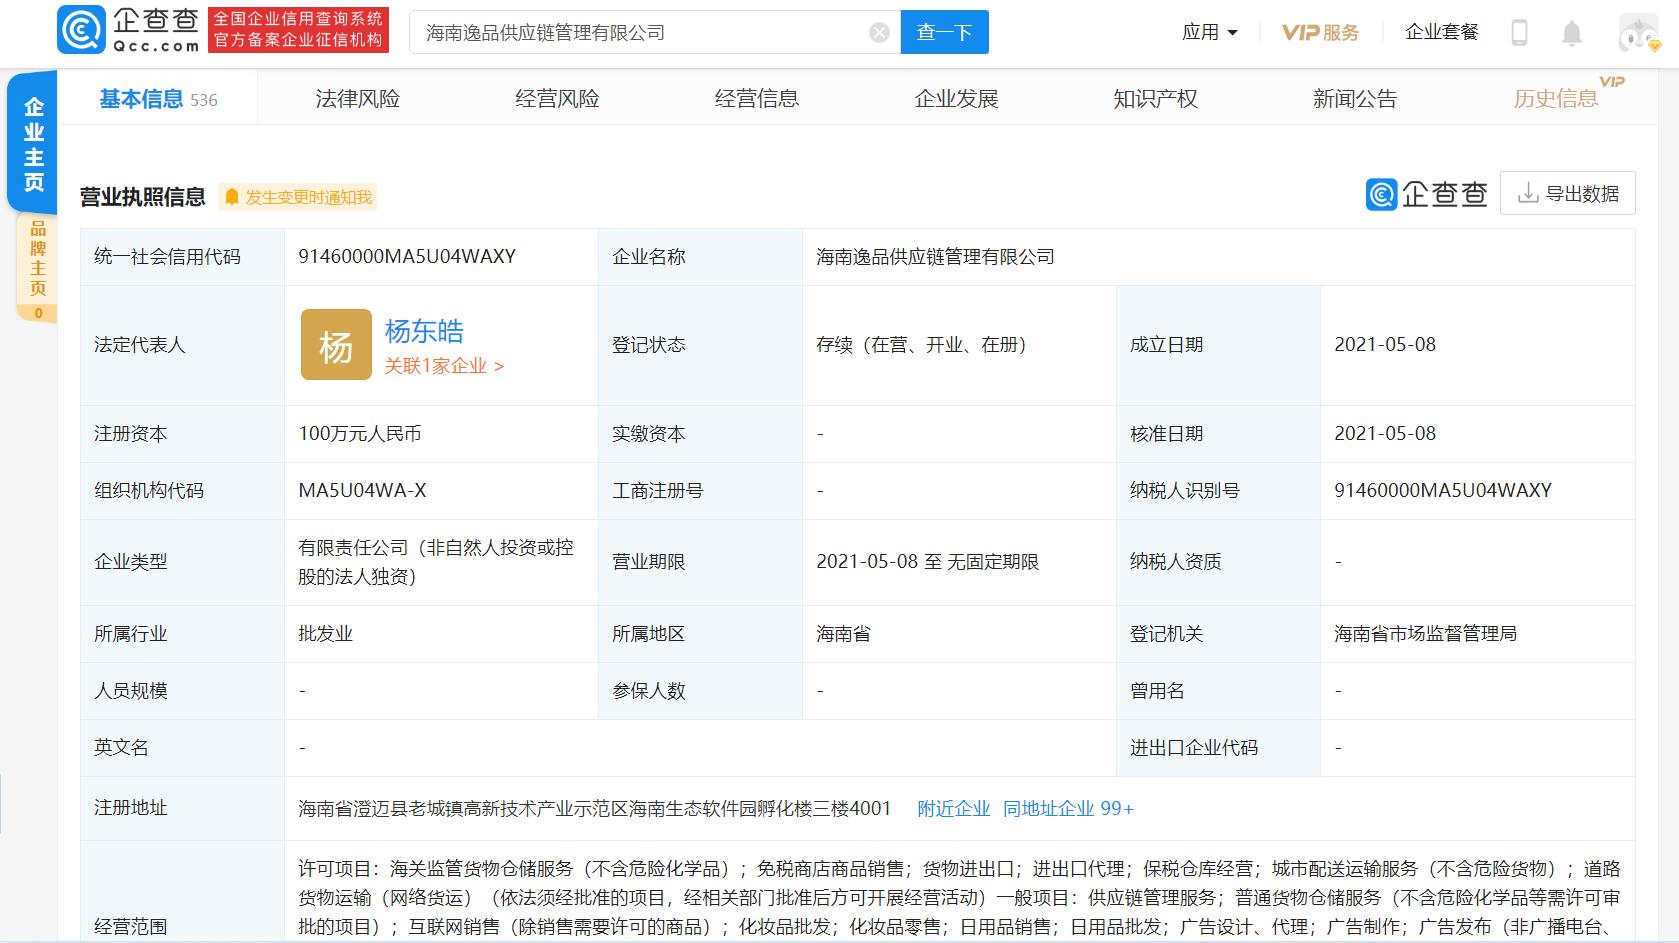 完美日记在海南成立供应链管理公司,注册资本100万元